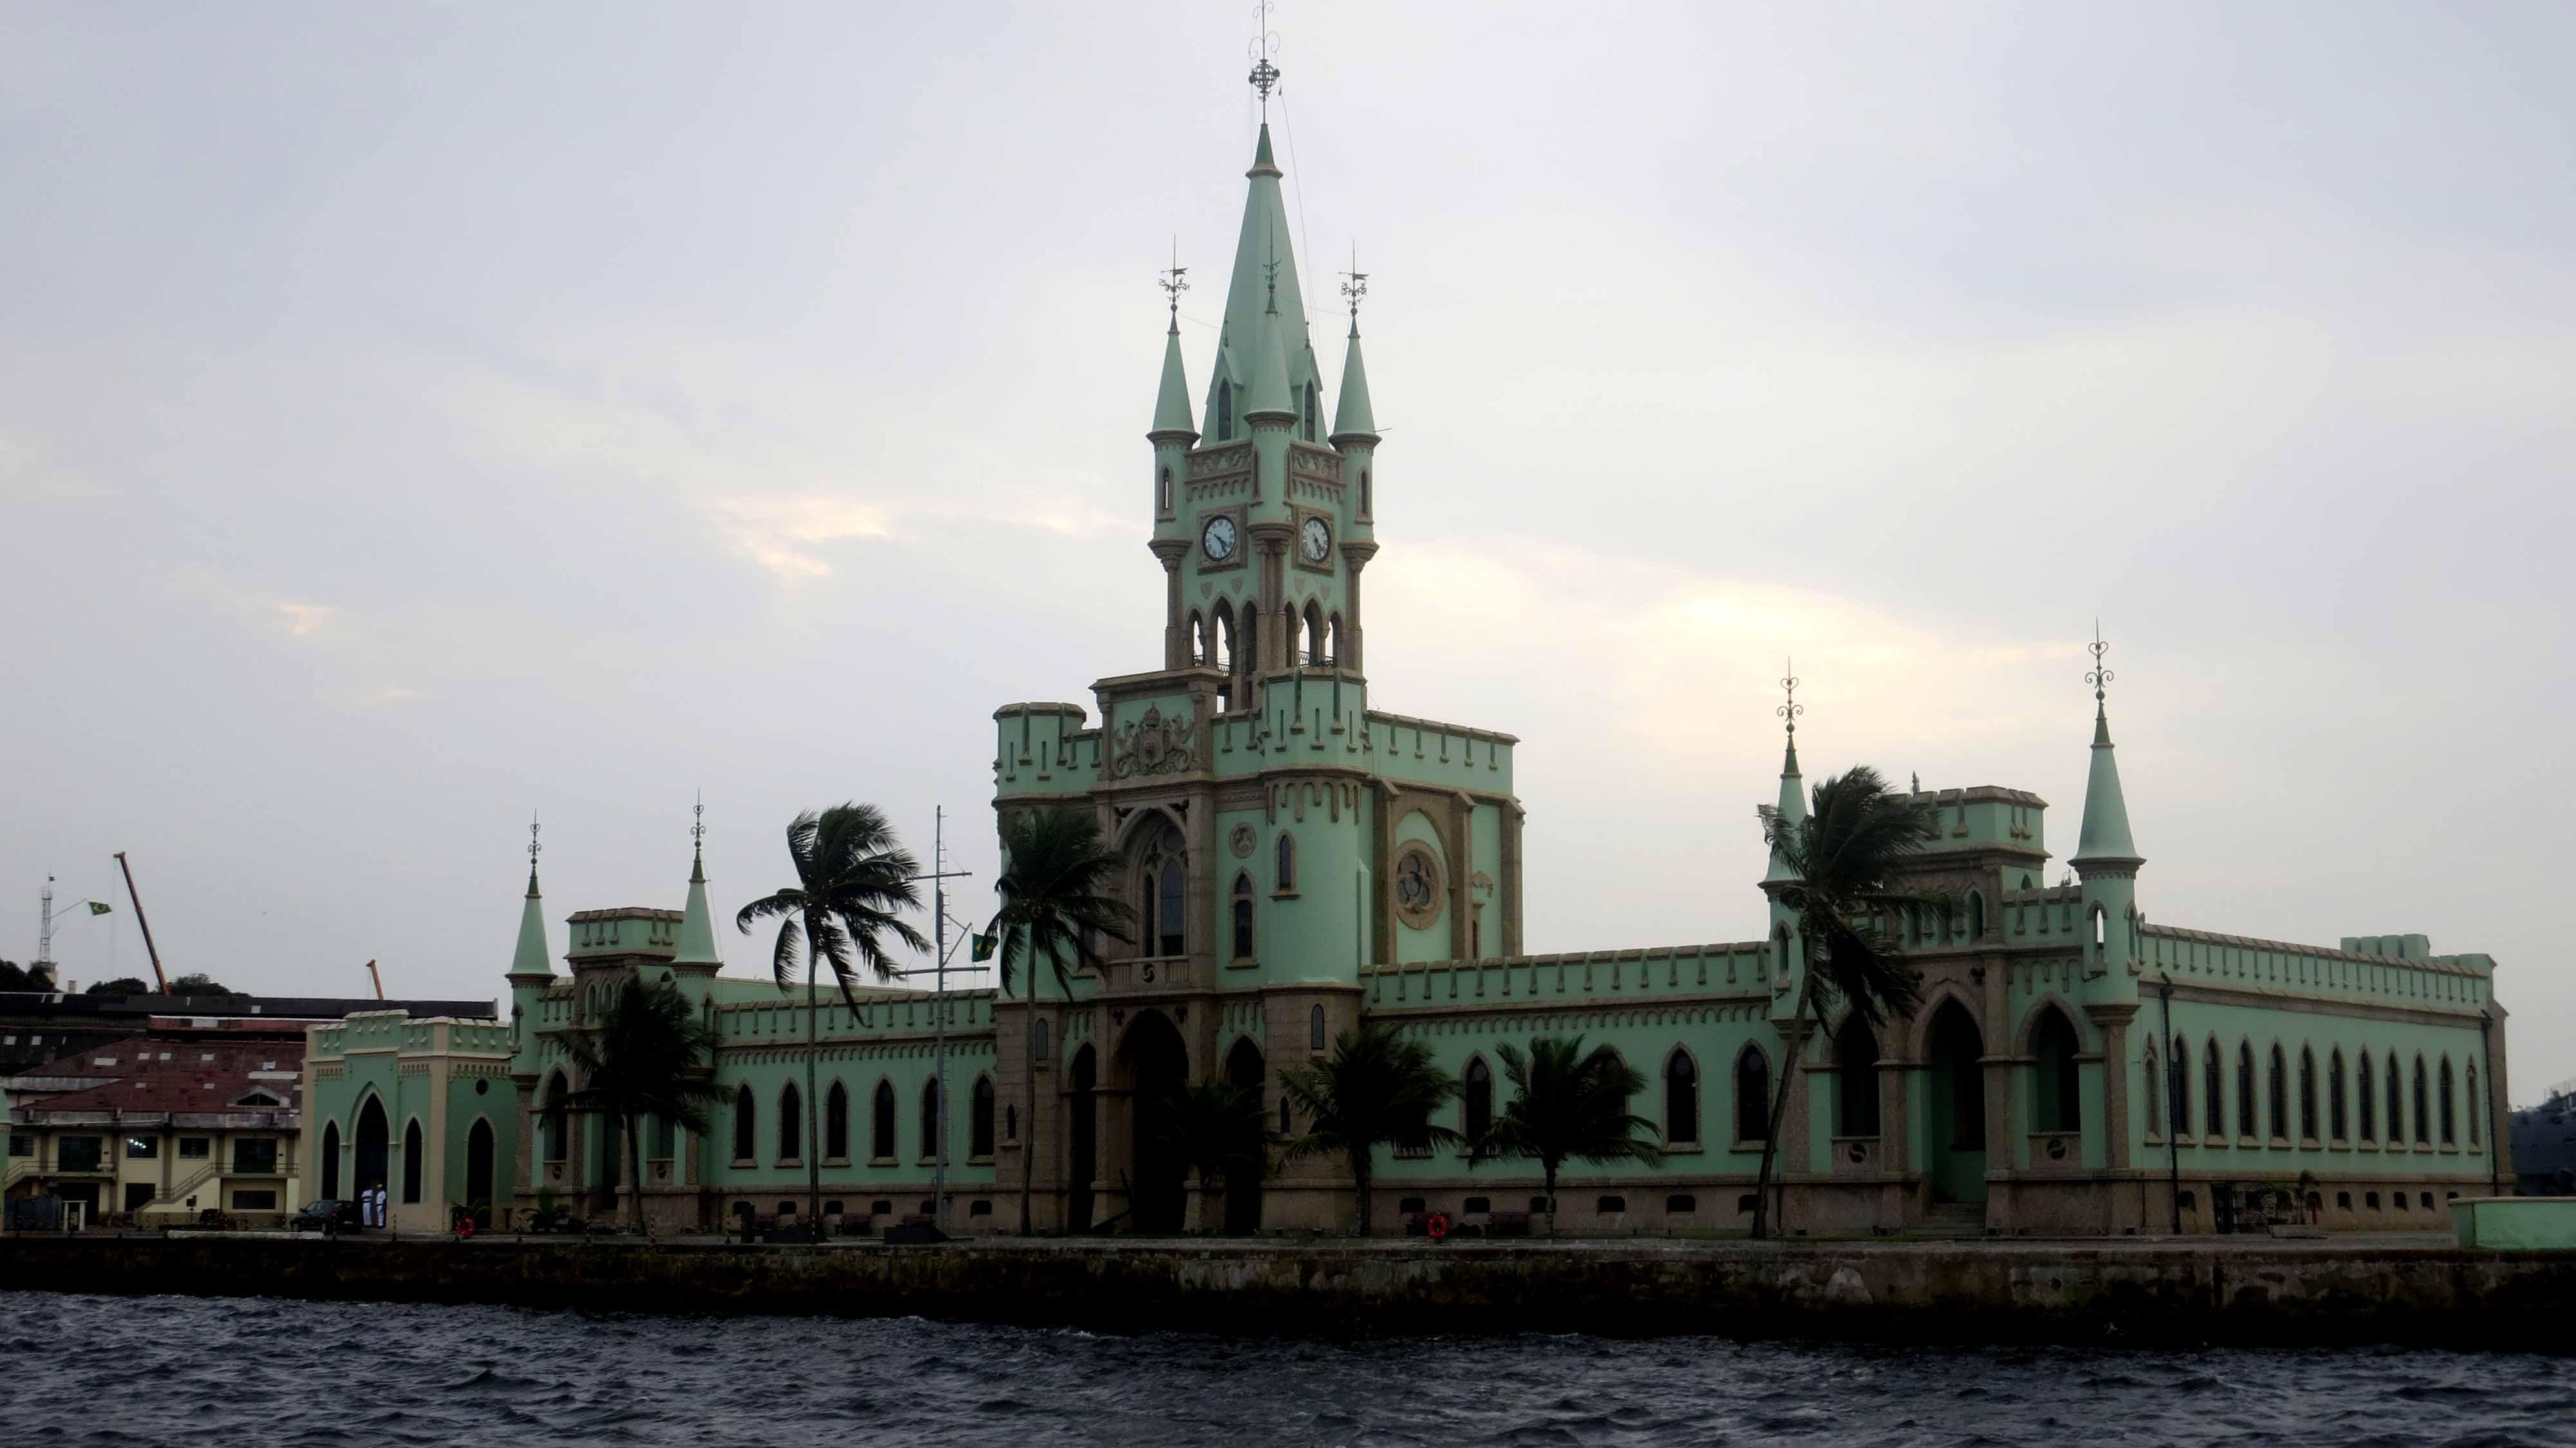 Ilha Fiscal, vista da embarcação do Passeio Marítimo na Baía de Guanabara